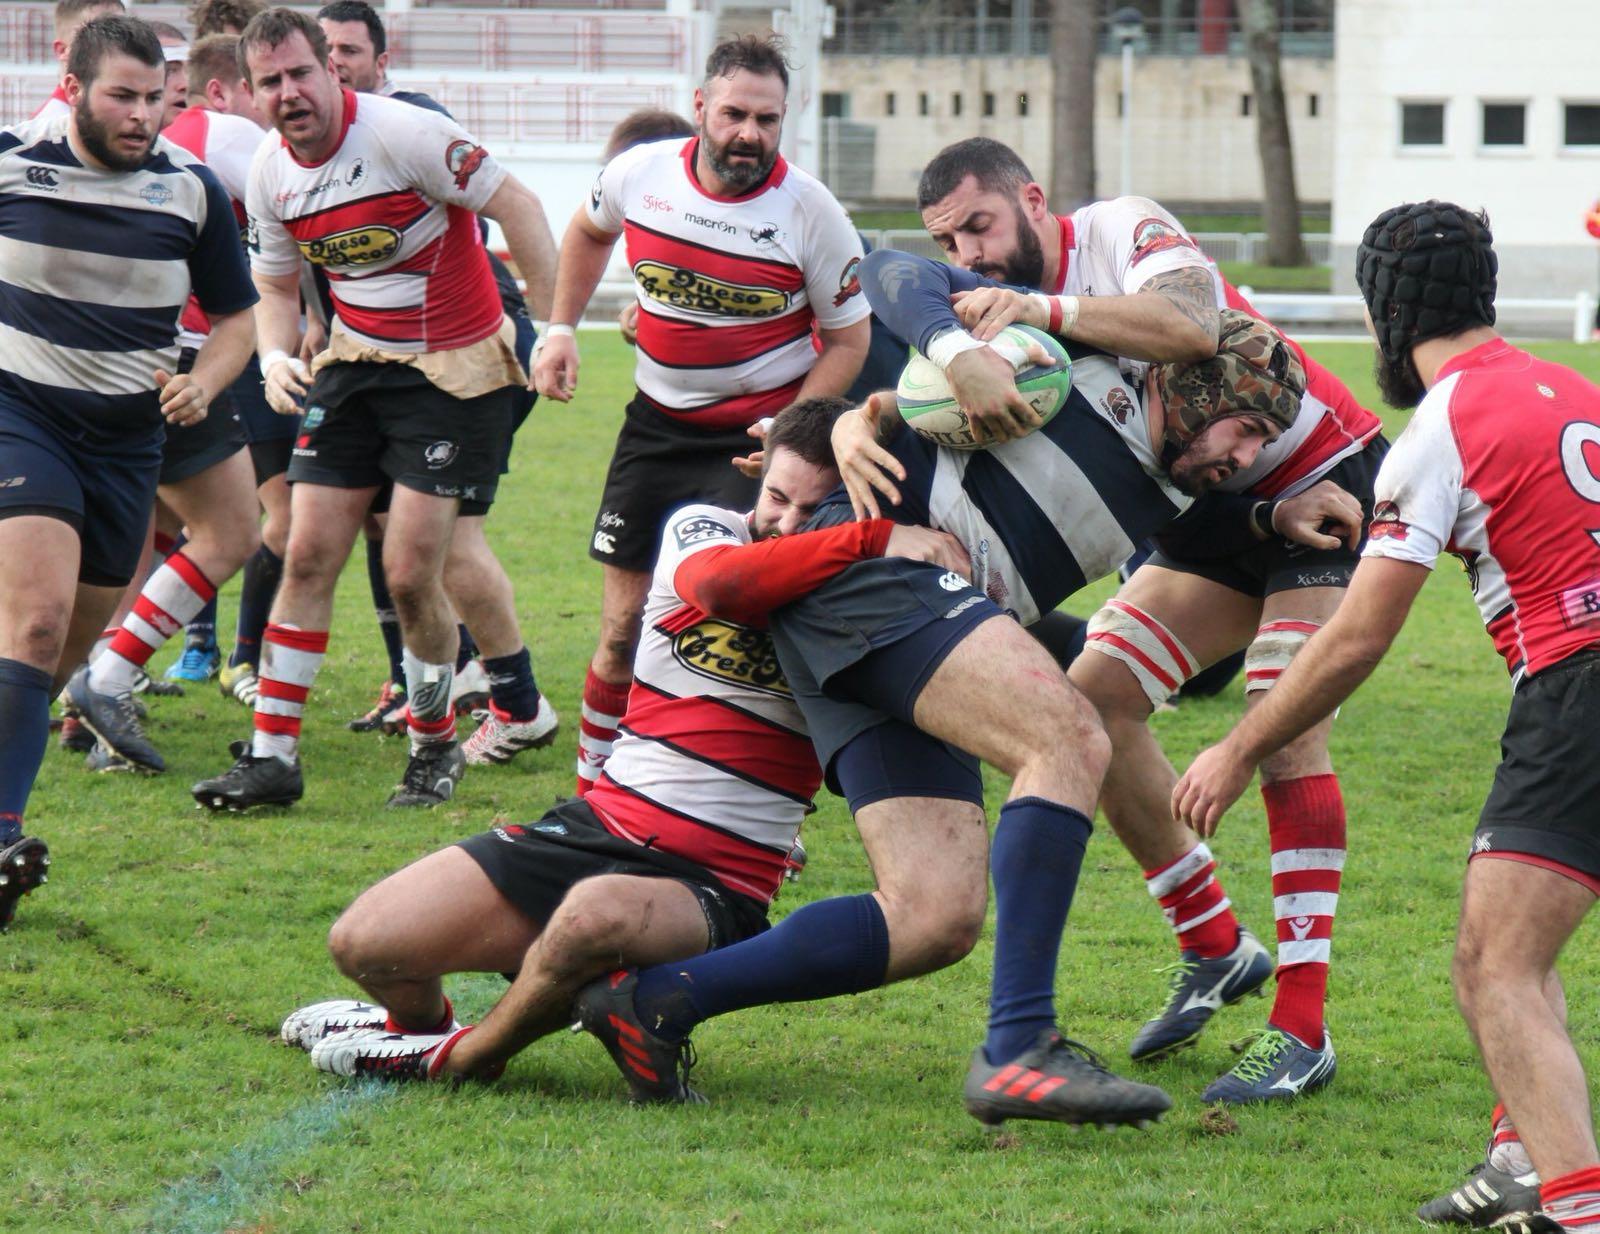 Fotografía del Bierzo Rugby Club